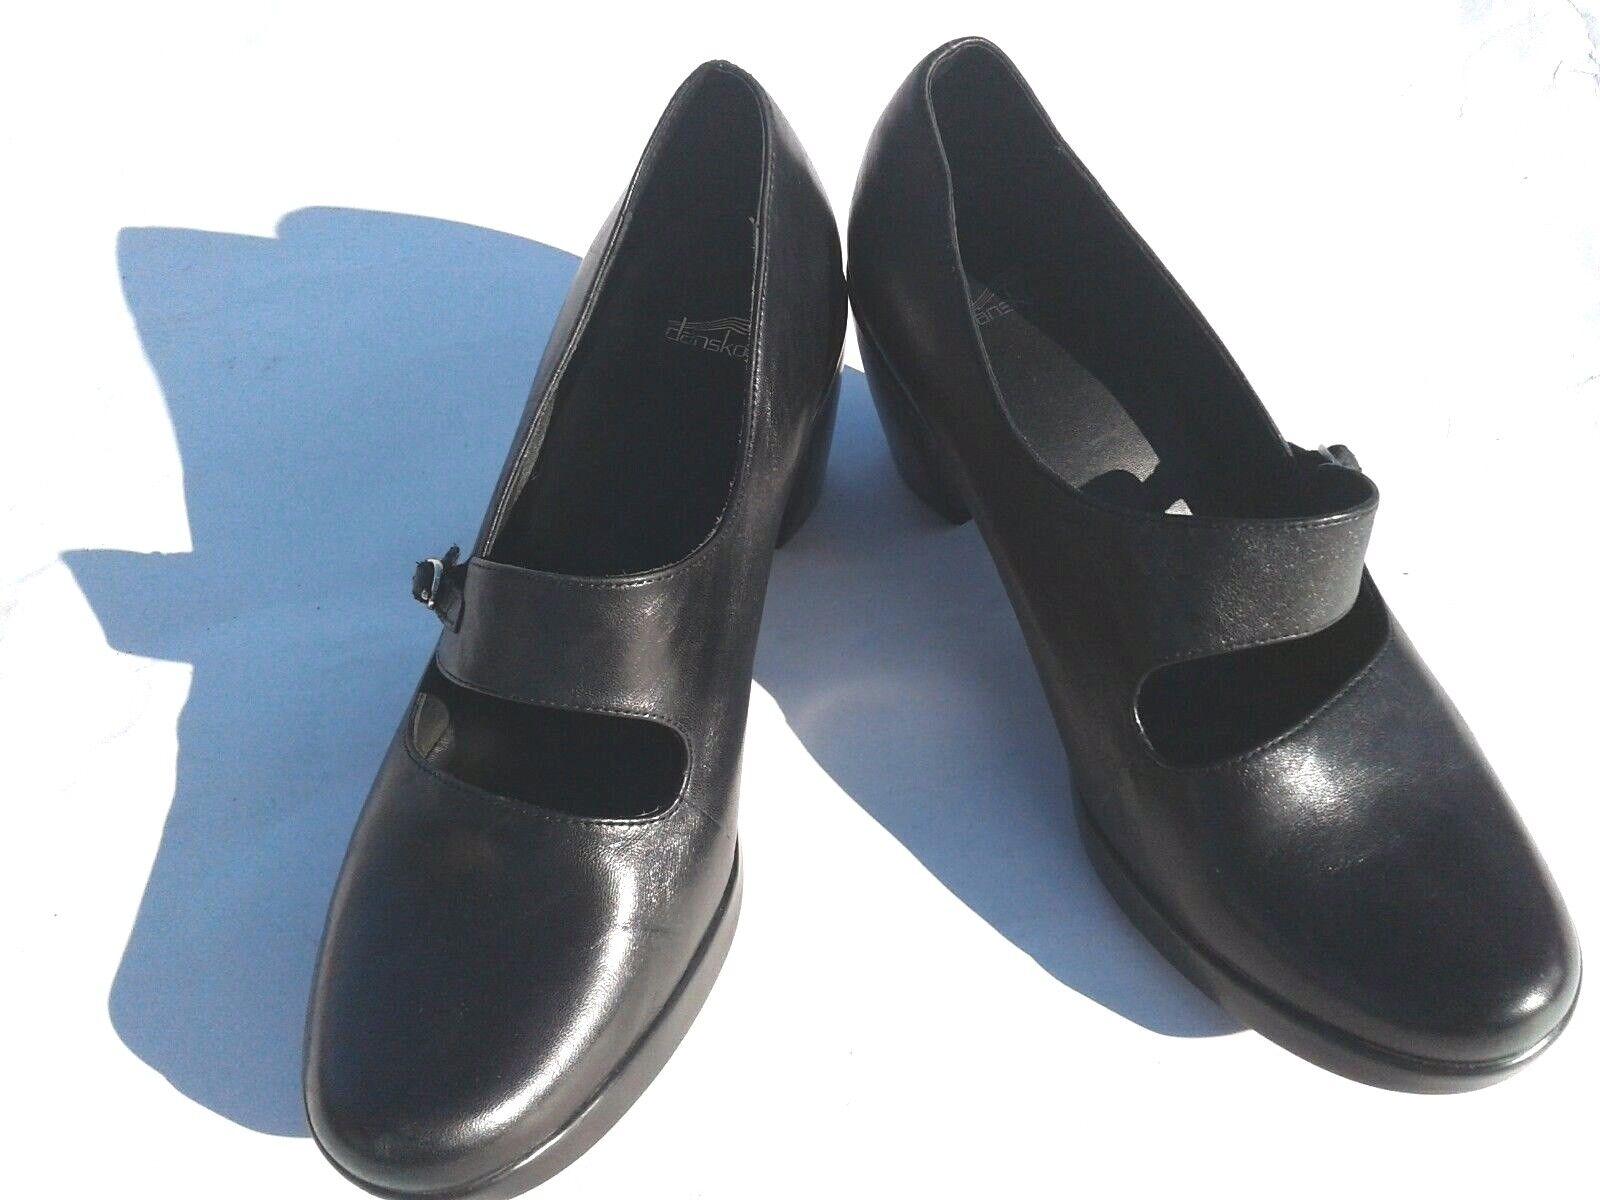 Dansko Negro Tacón Bomba de Mary Jane Zapatos Zapatos Zapatos Talla 40-Nuevo Sin Caja  barato